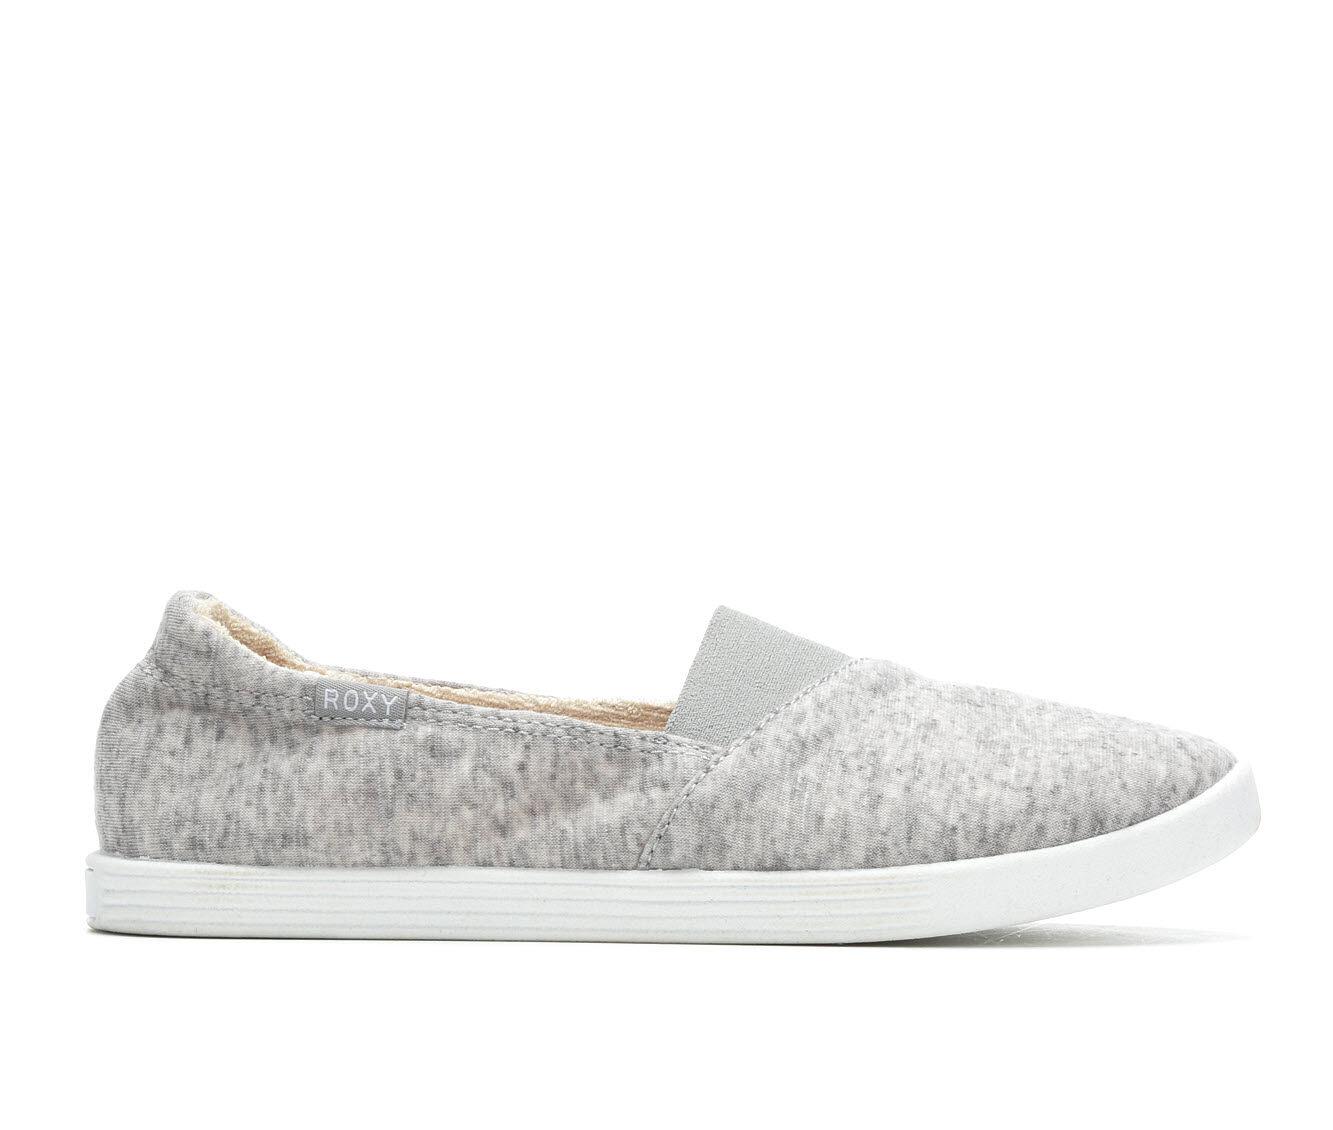 Women's Roxy Danaris Sneakers Grey Jersey